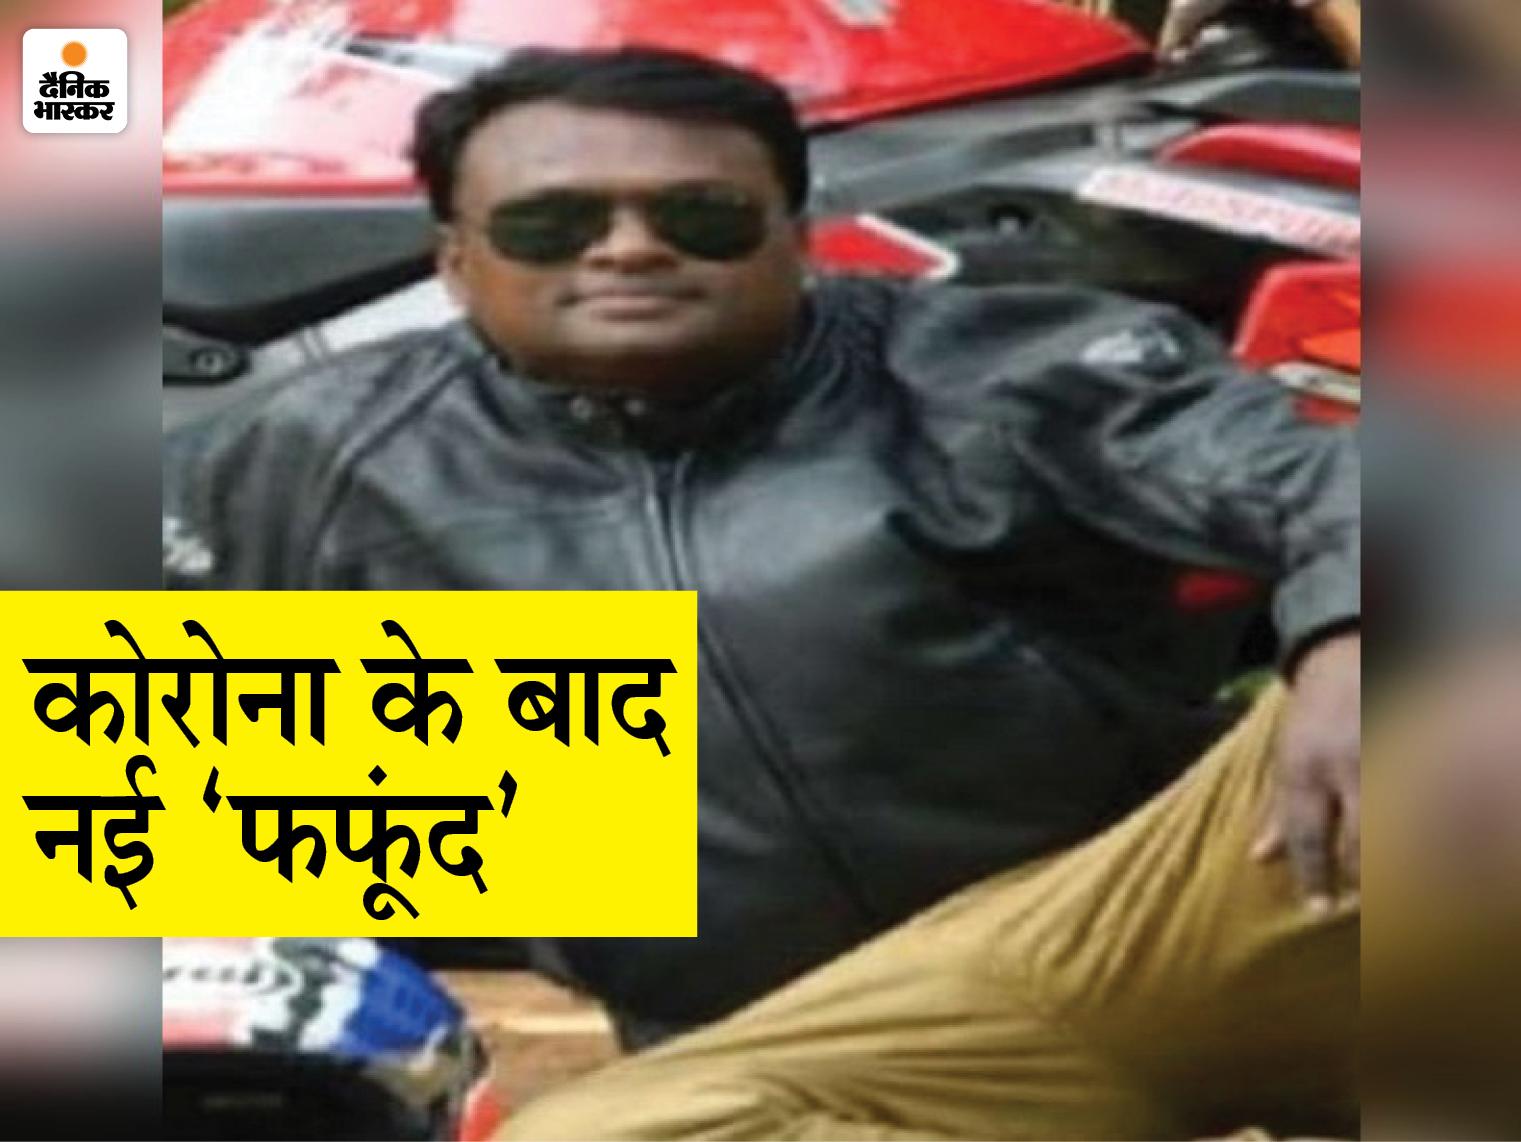 कोरोना से जीतने के बाद म्यूकरमाइकोसिस से हारा युवक, भिलाई के अस्पताल में 6 दिनों से चल रहा था इलाज भिलाई,Bhilai - Dainik Bhaskar